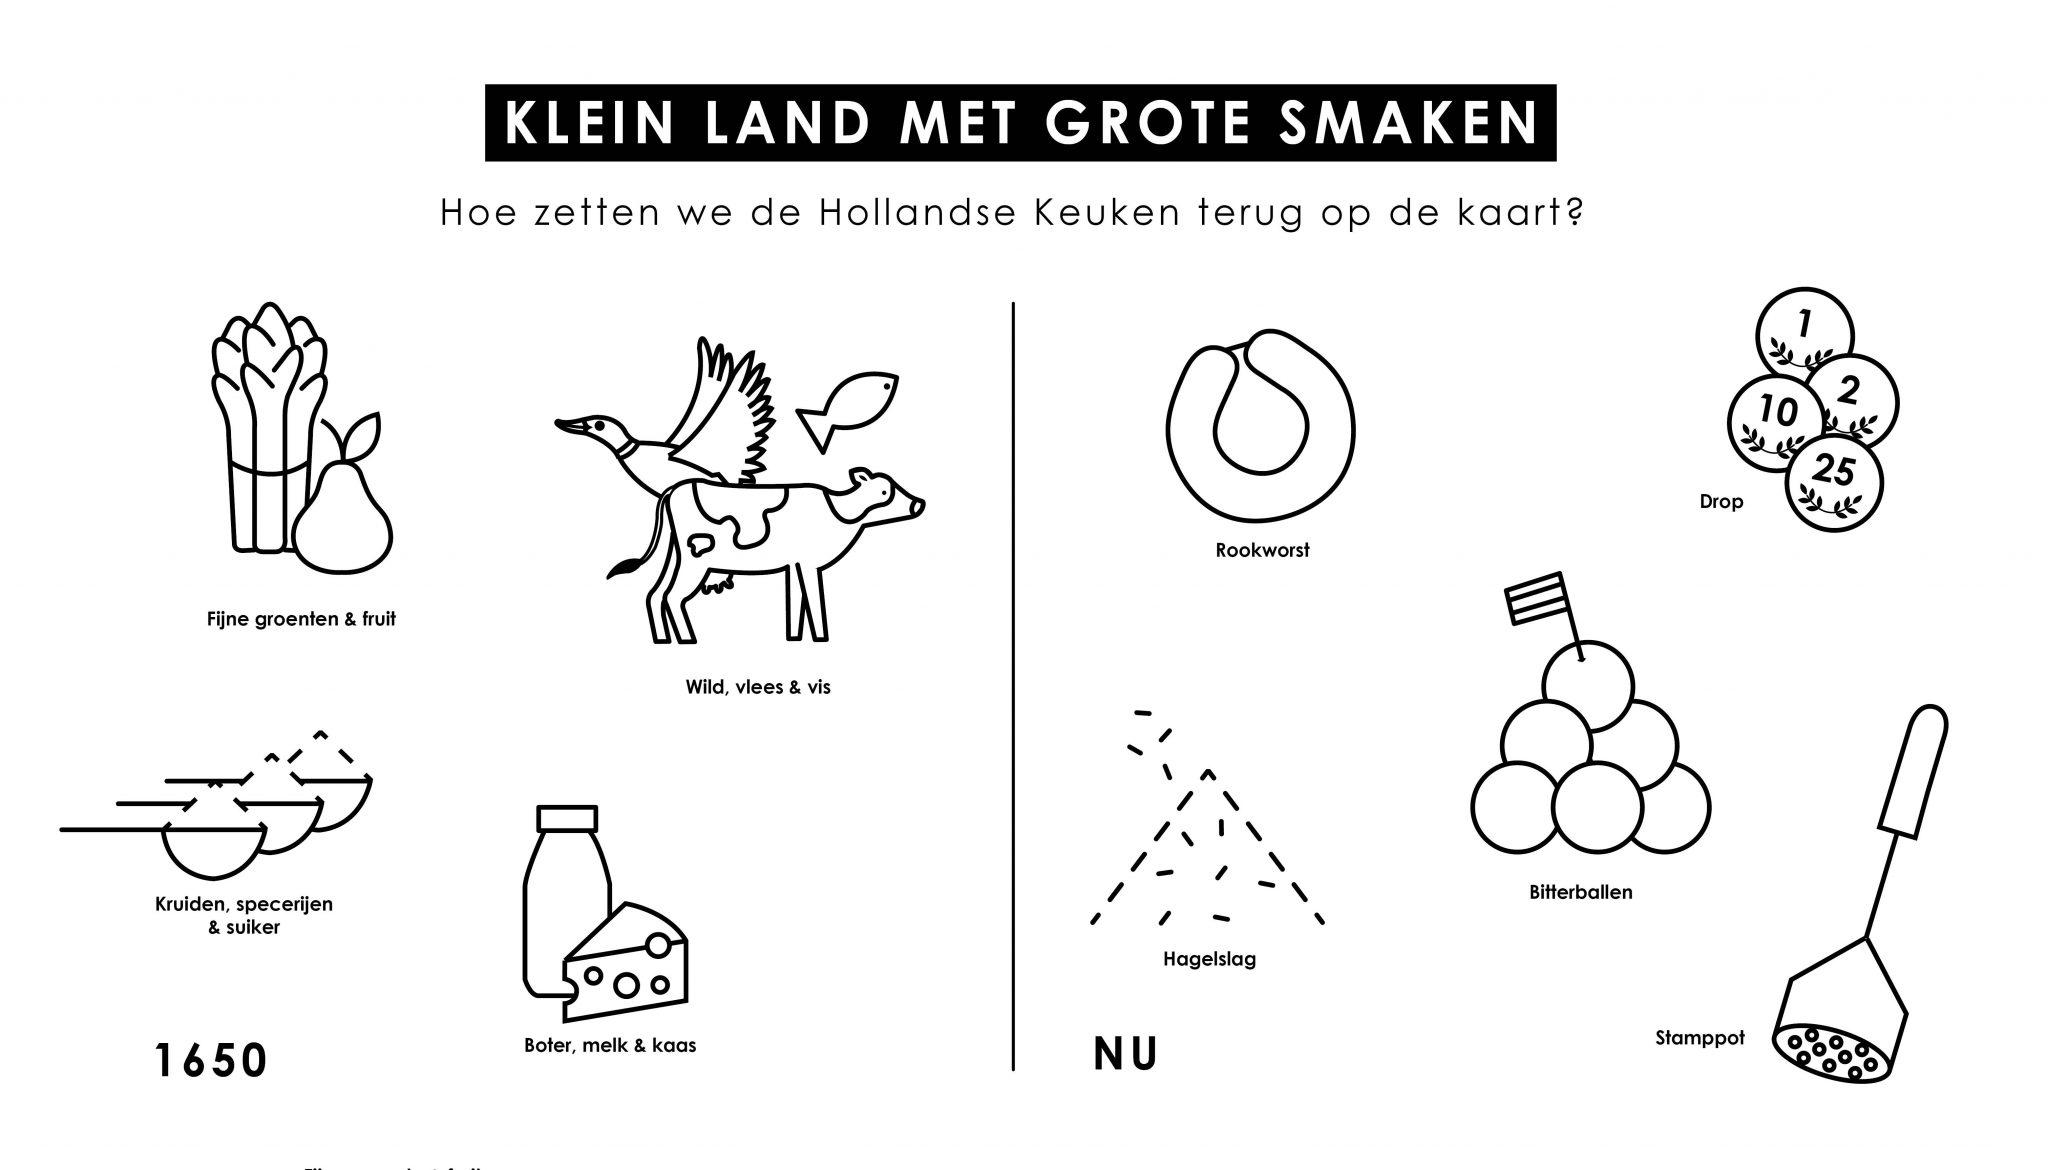 Klein land met groot imago: Hollandse keuken weer op de kaart